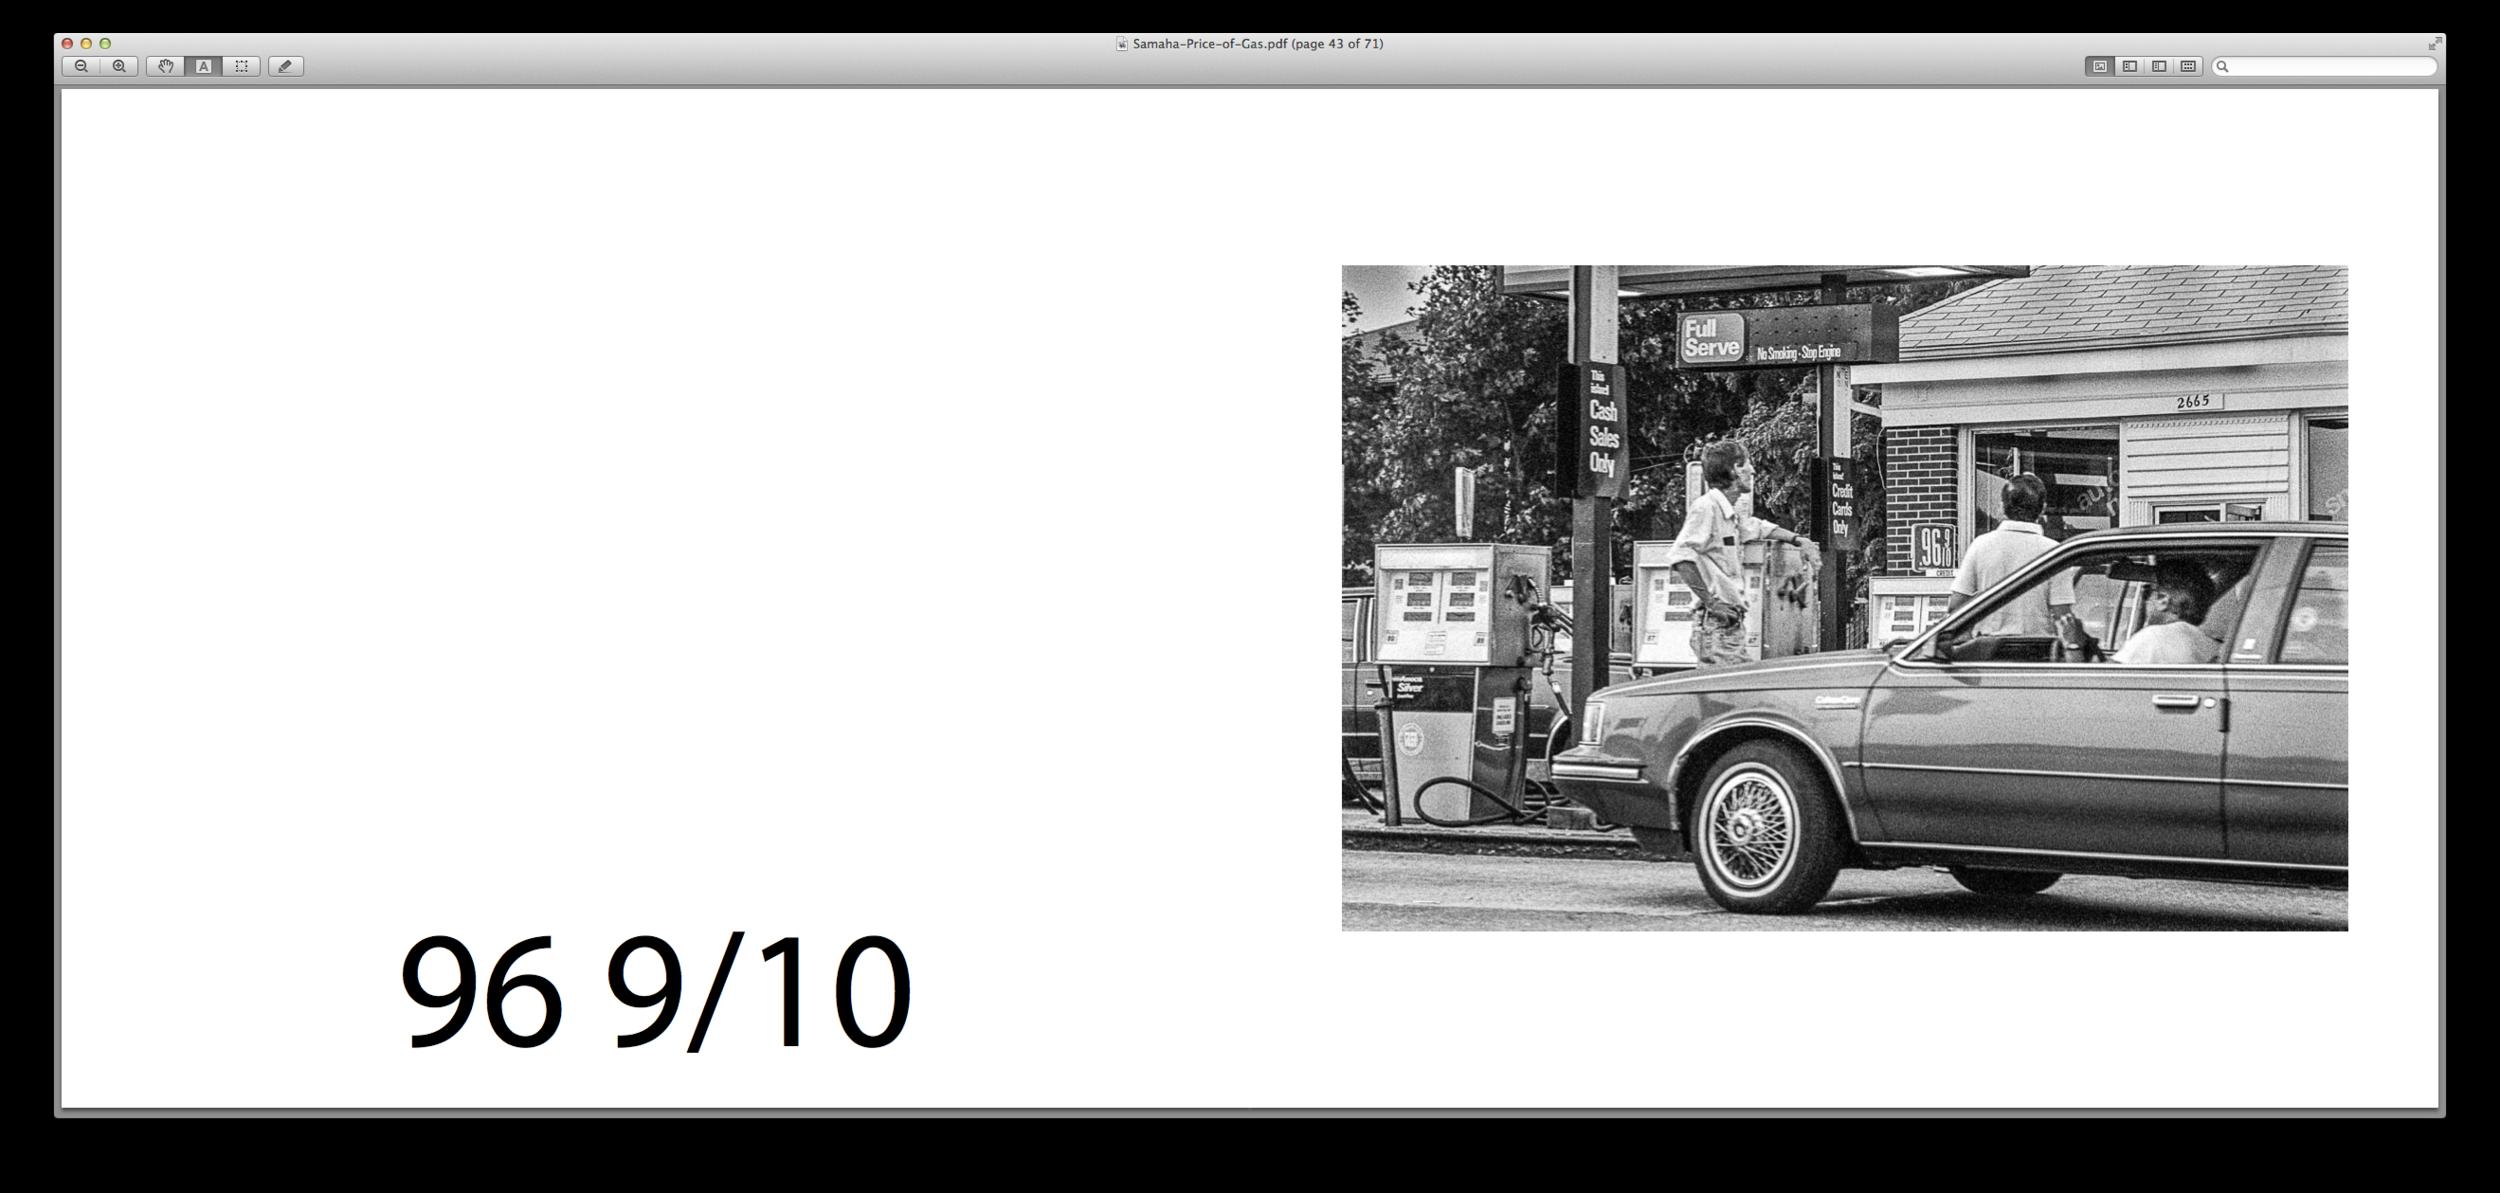 Screen Shot 2013-11-20 at 11.13.50 PM.png